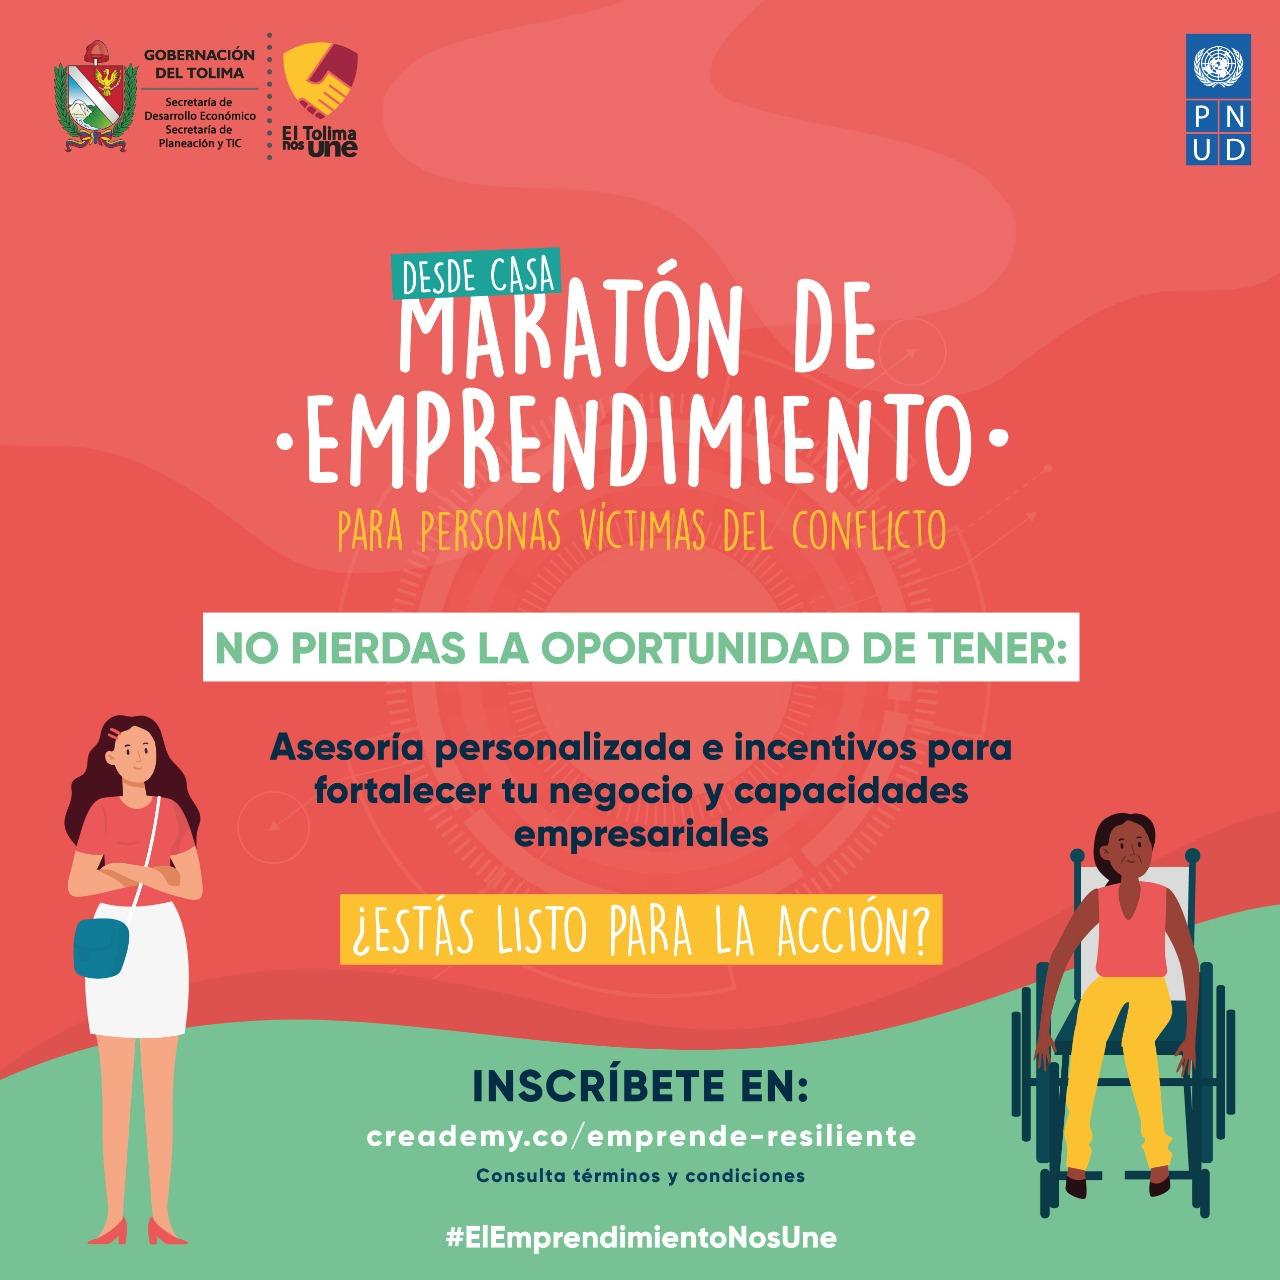 Hasta el 27 de septiembre, víctimas del conflicto podrán inscribirse en la Maratón de Emprendimiento 3